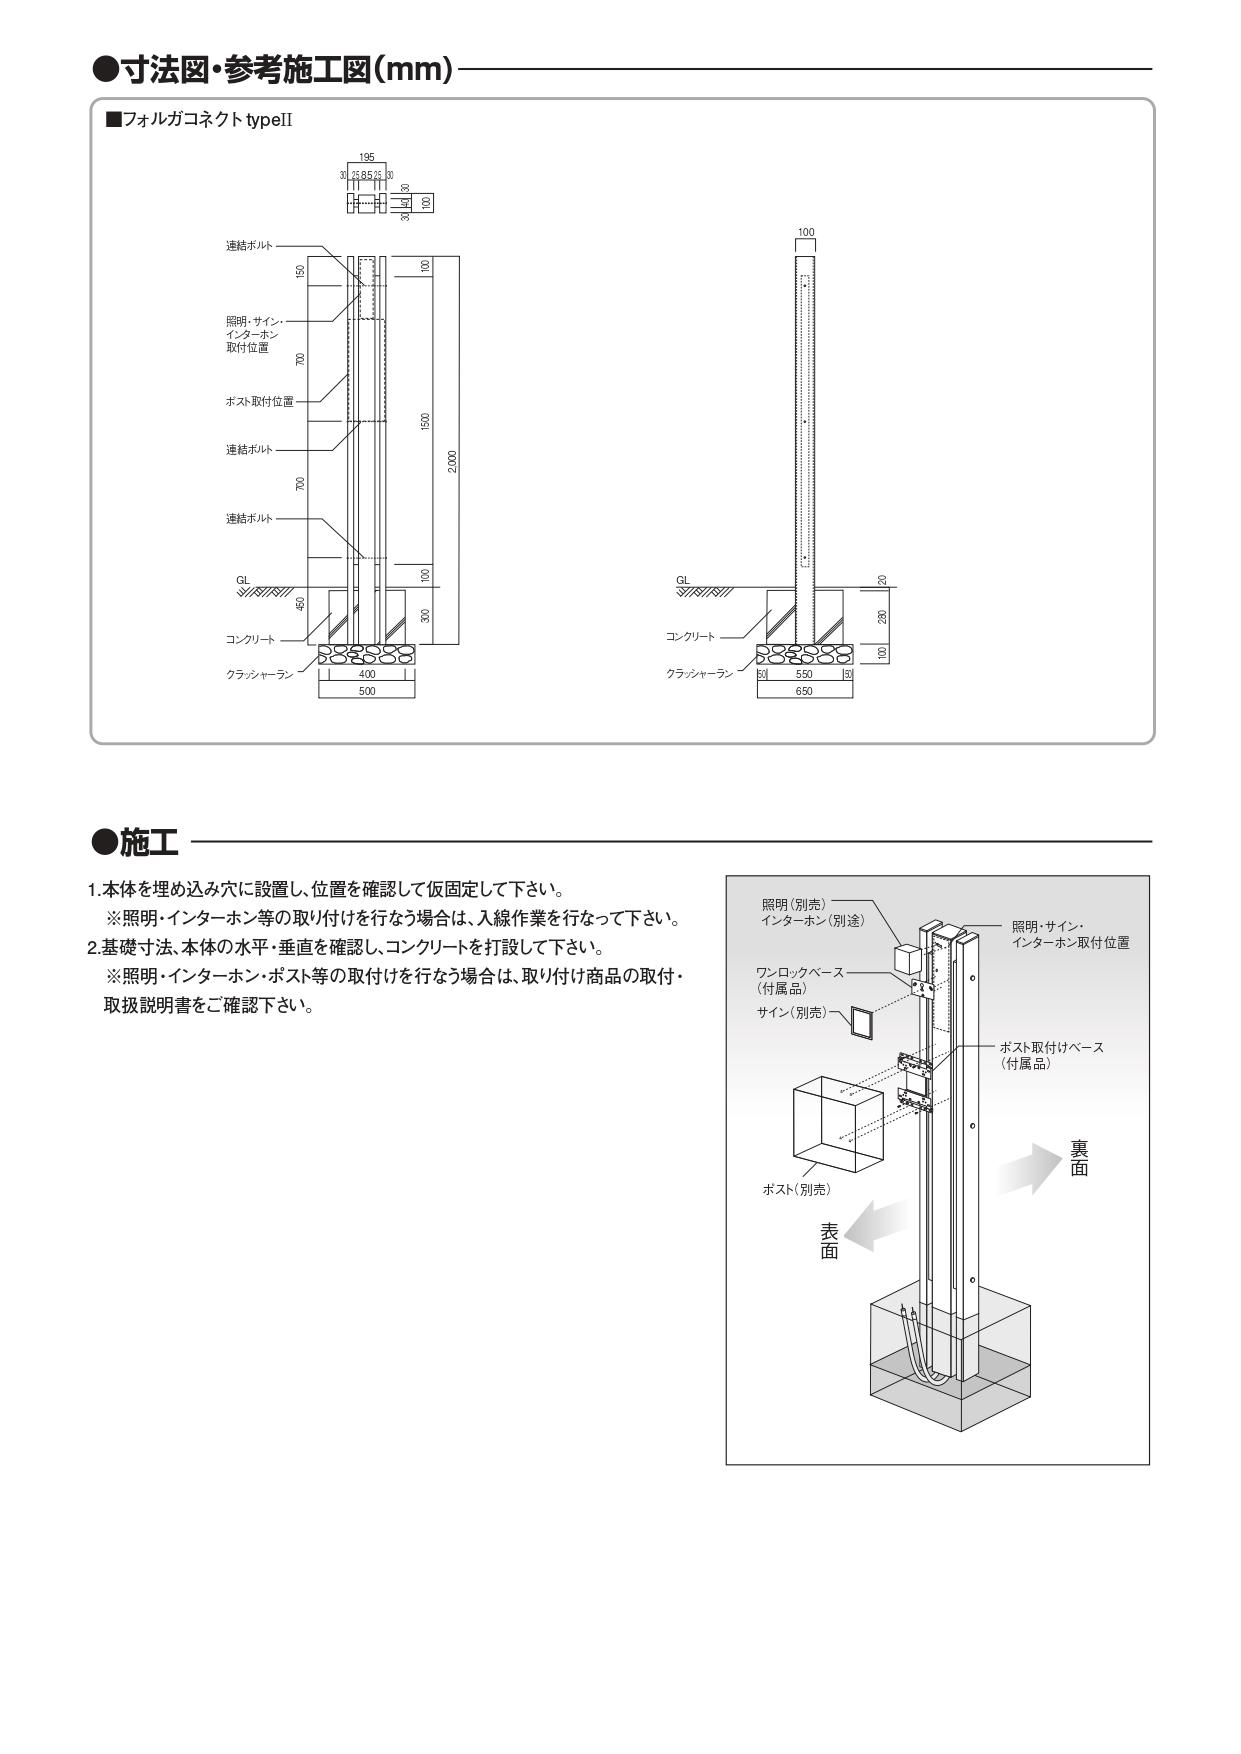 フォルガコネクトtype2_取扱説明書_page-0002